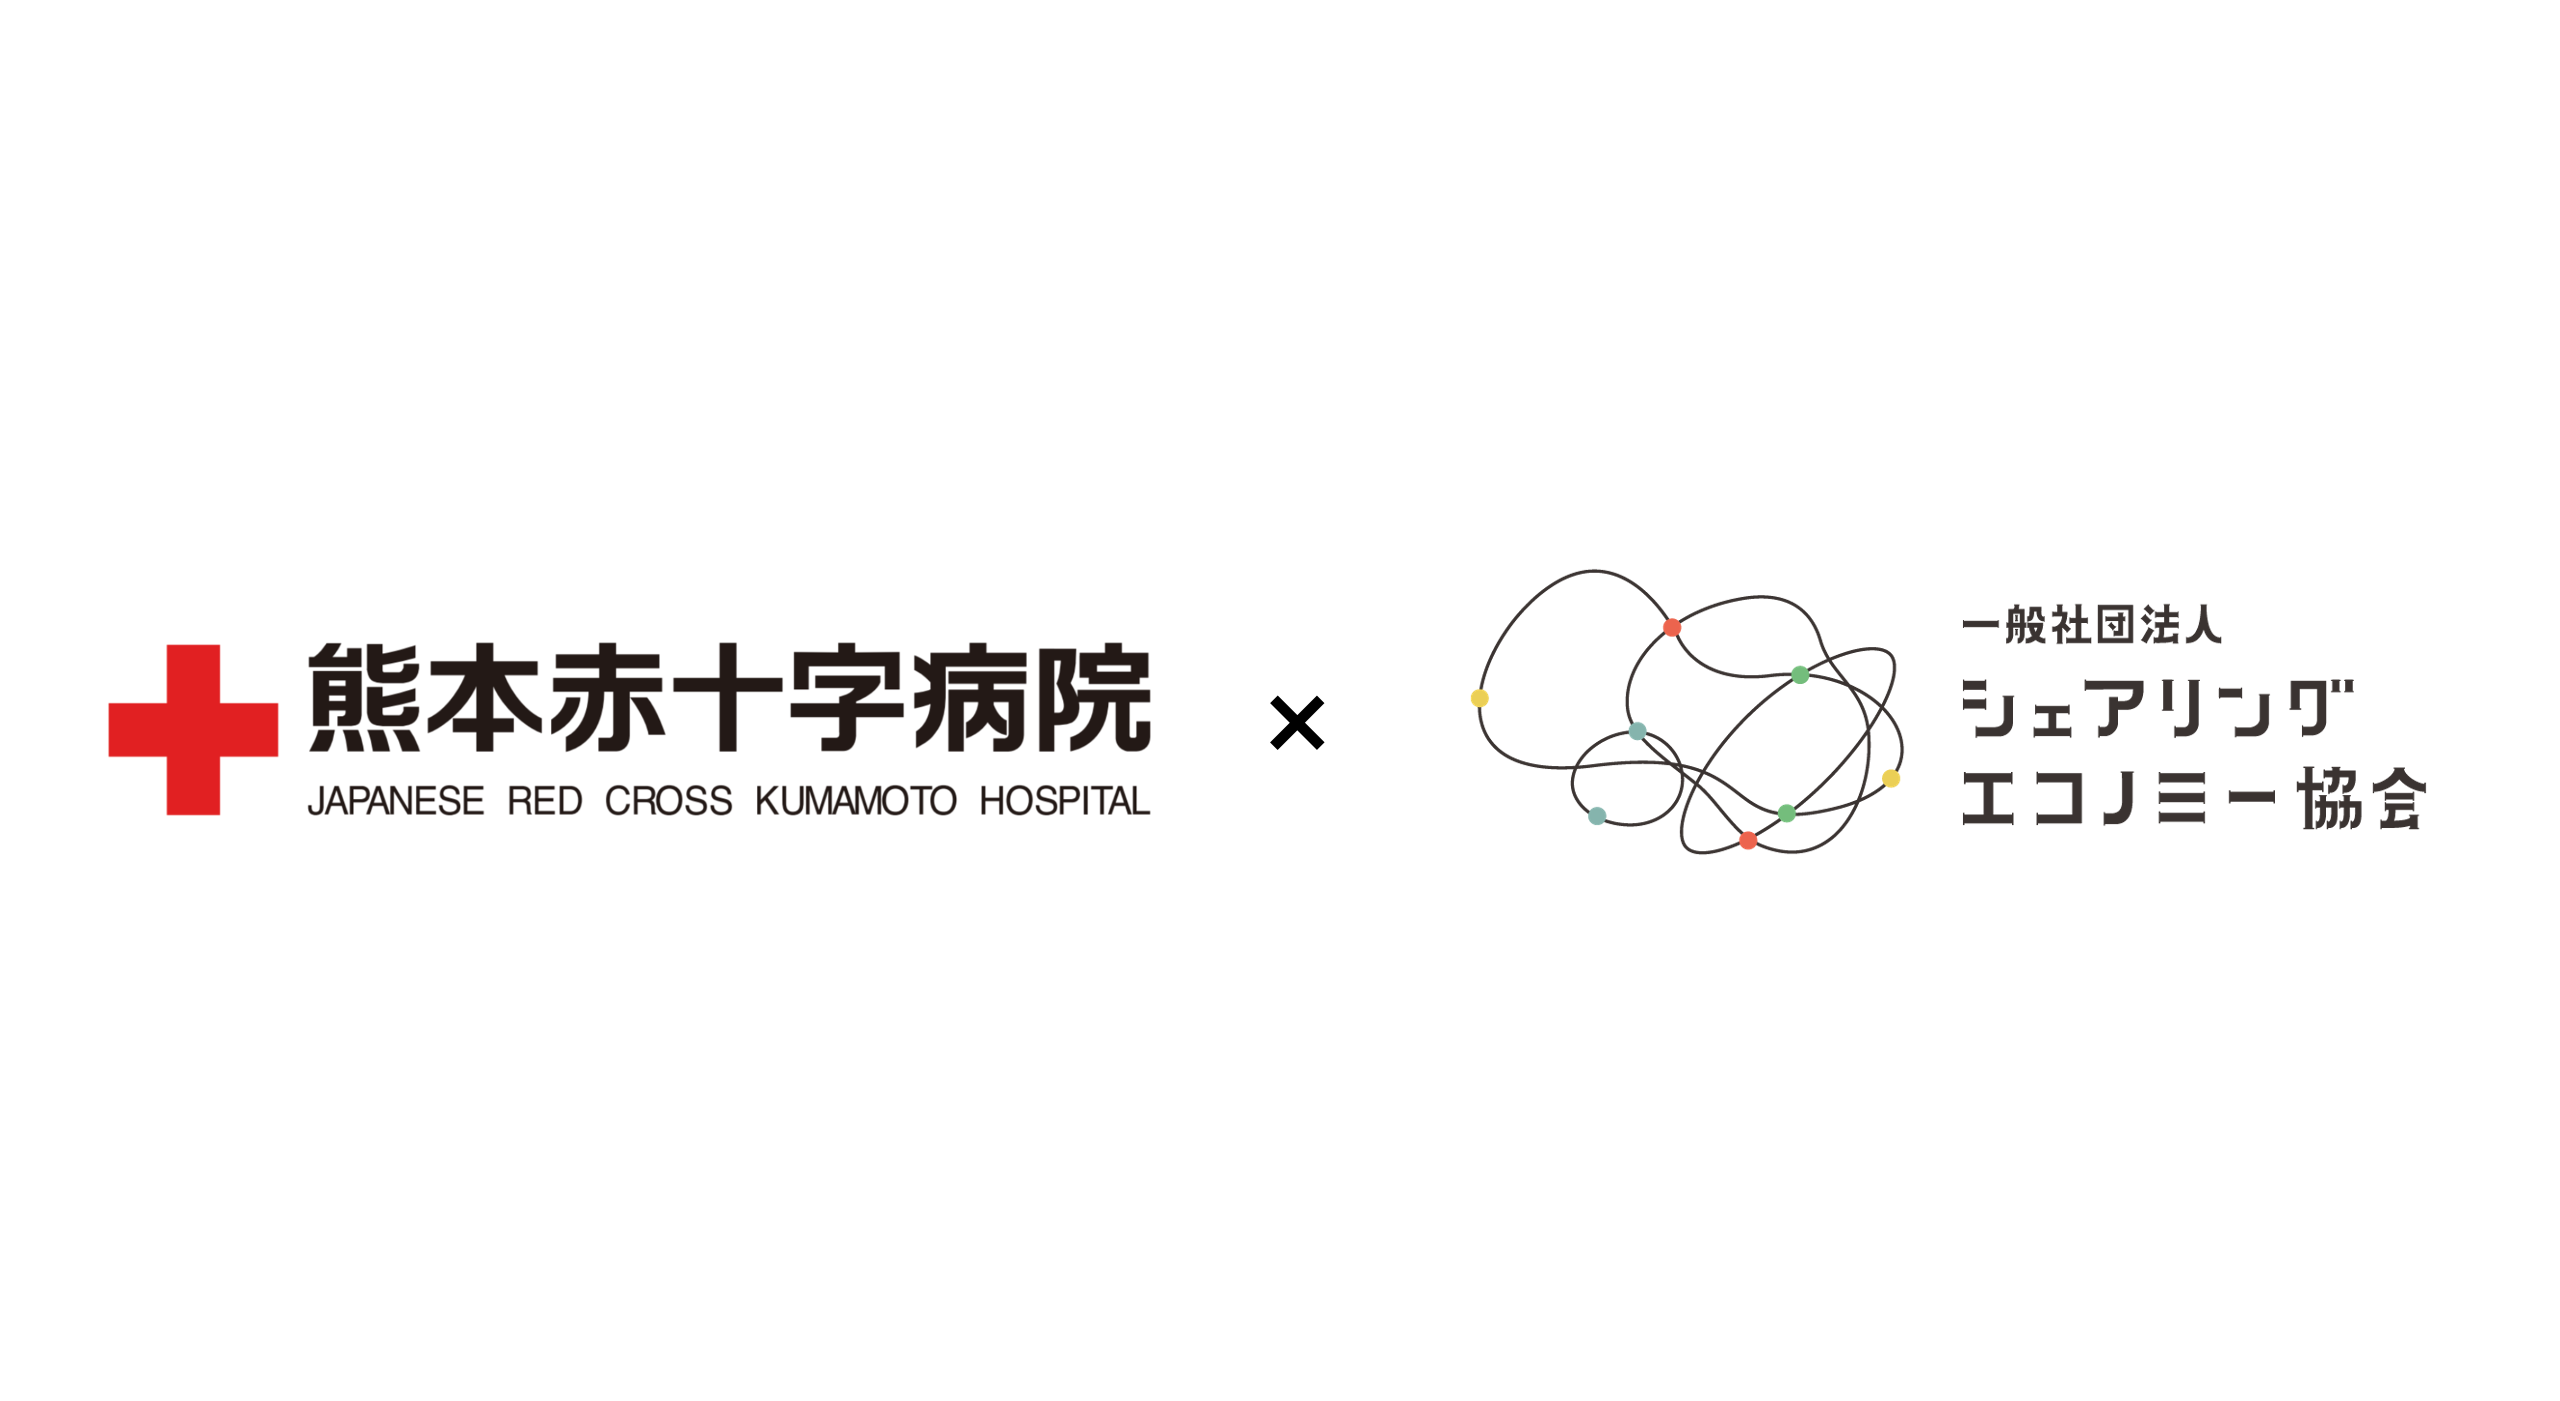 熊本赤十字病院との シェアサービス利活用に向けた共同研究に関する覚書締結のお知らせ